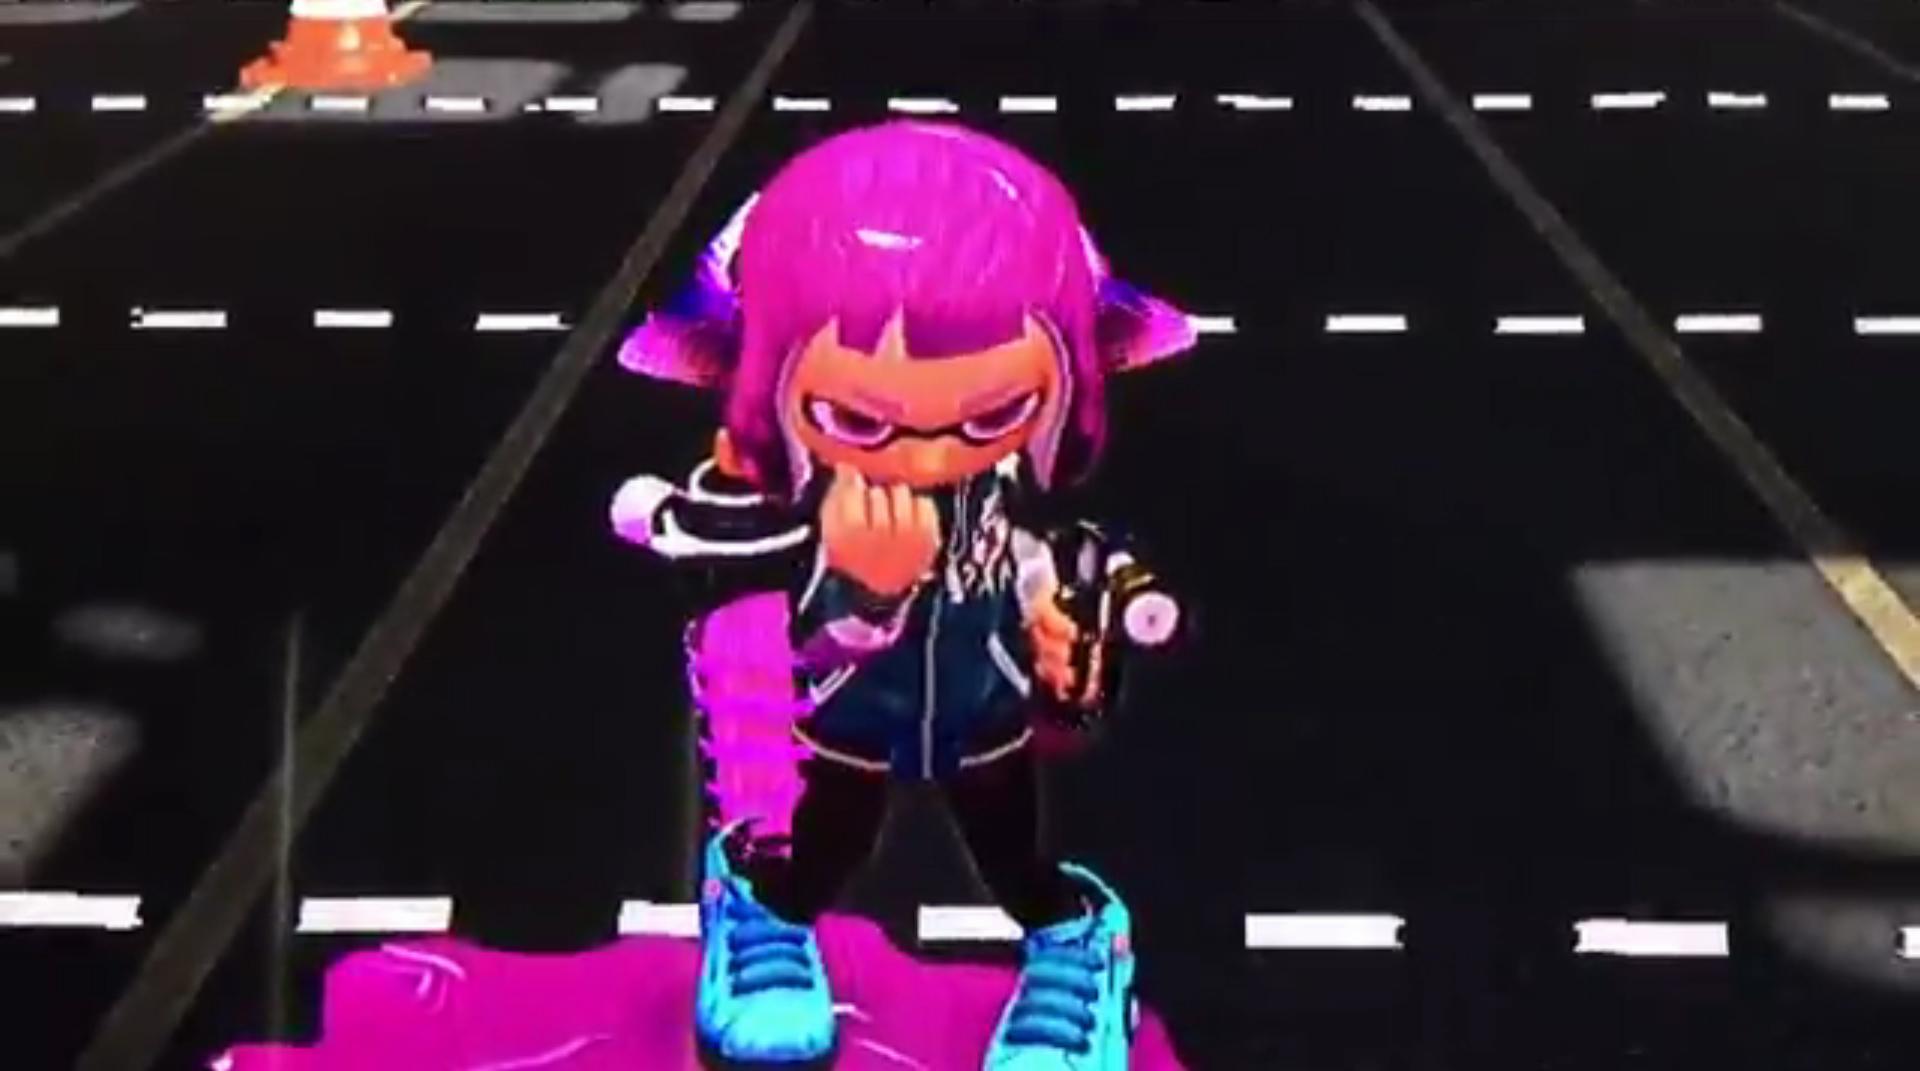 You can do a cute lil fist pump in Splatoon 2 screenshot